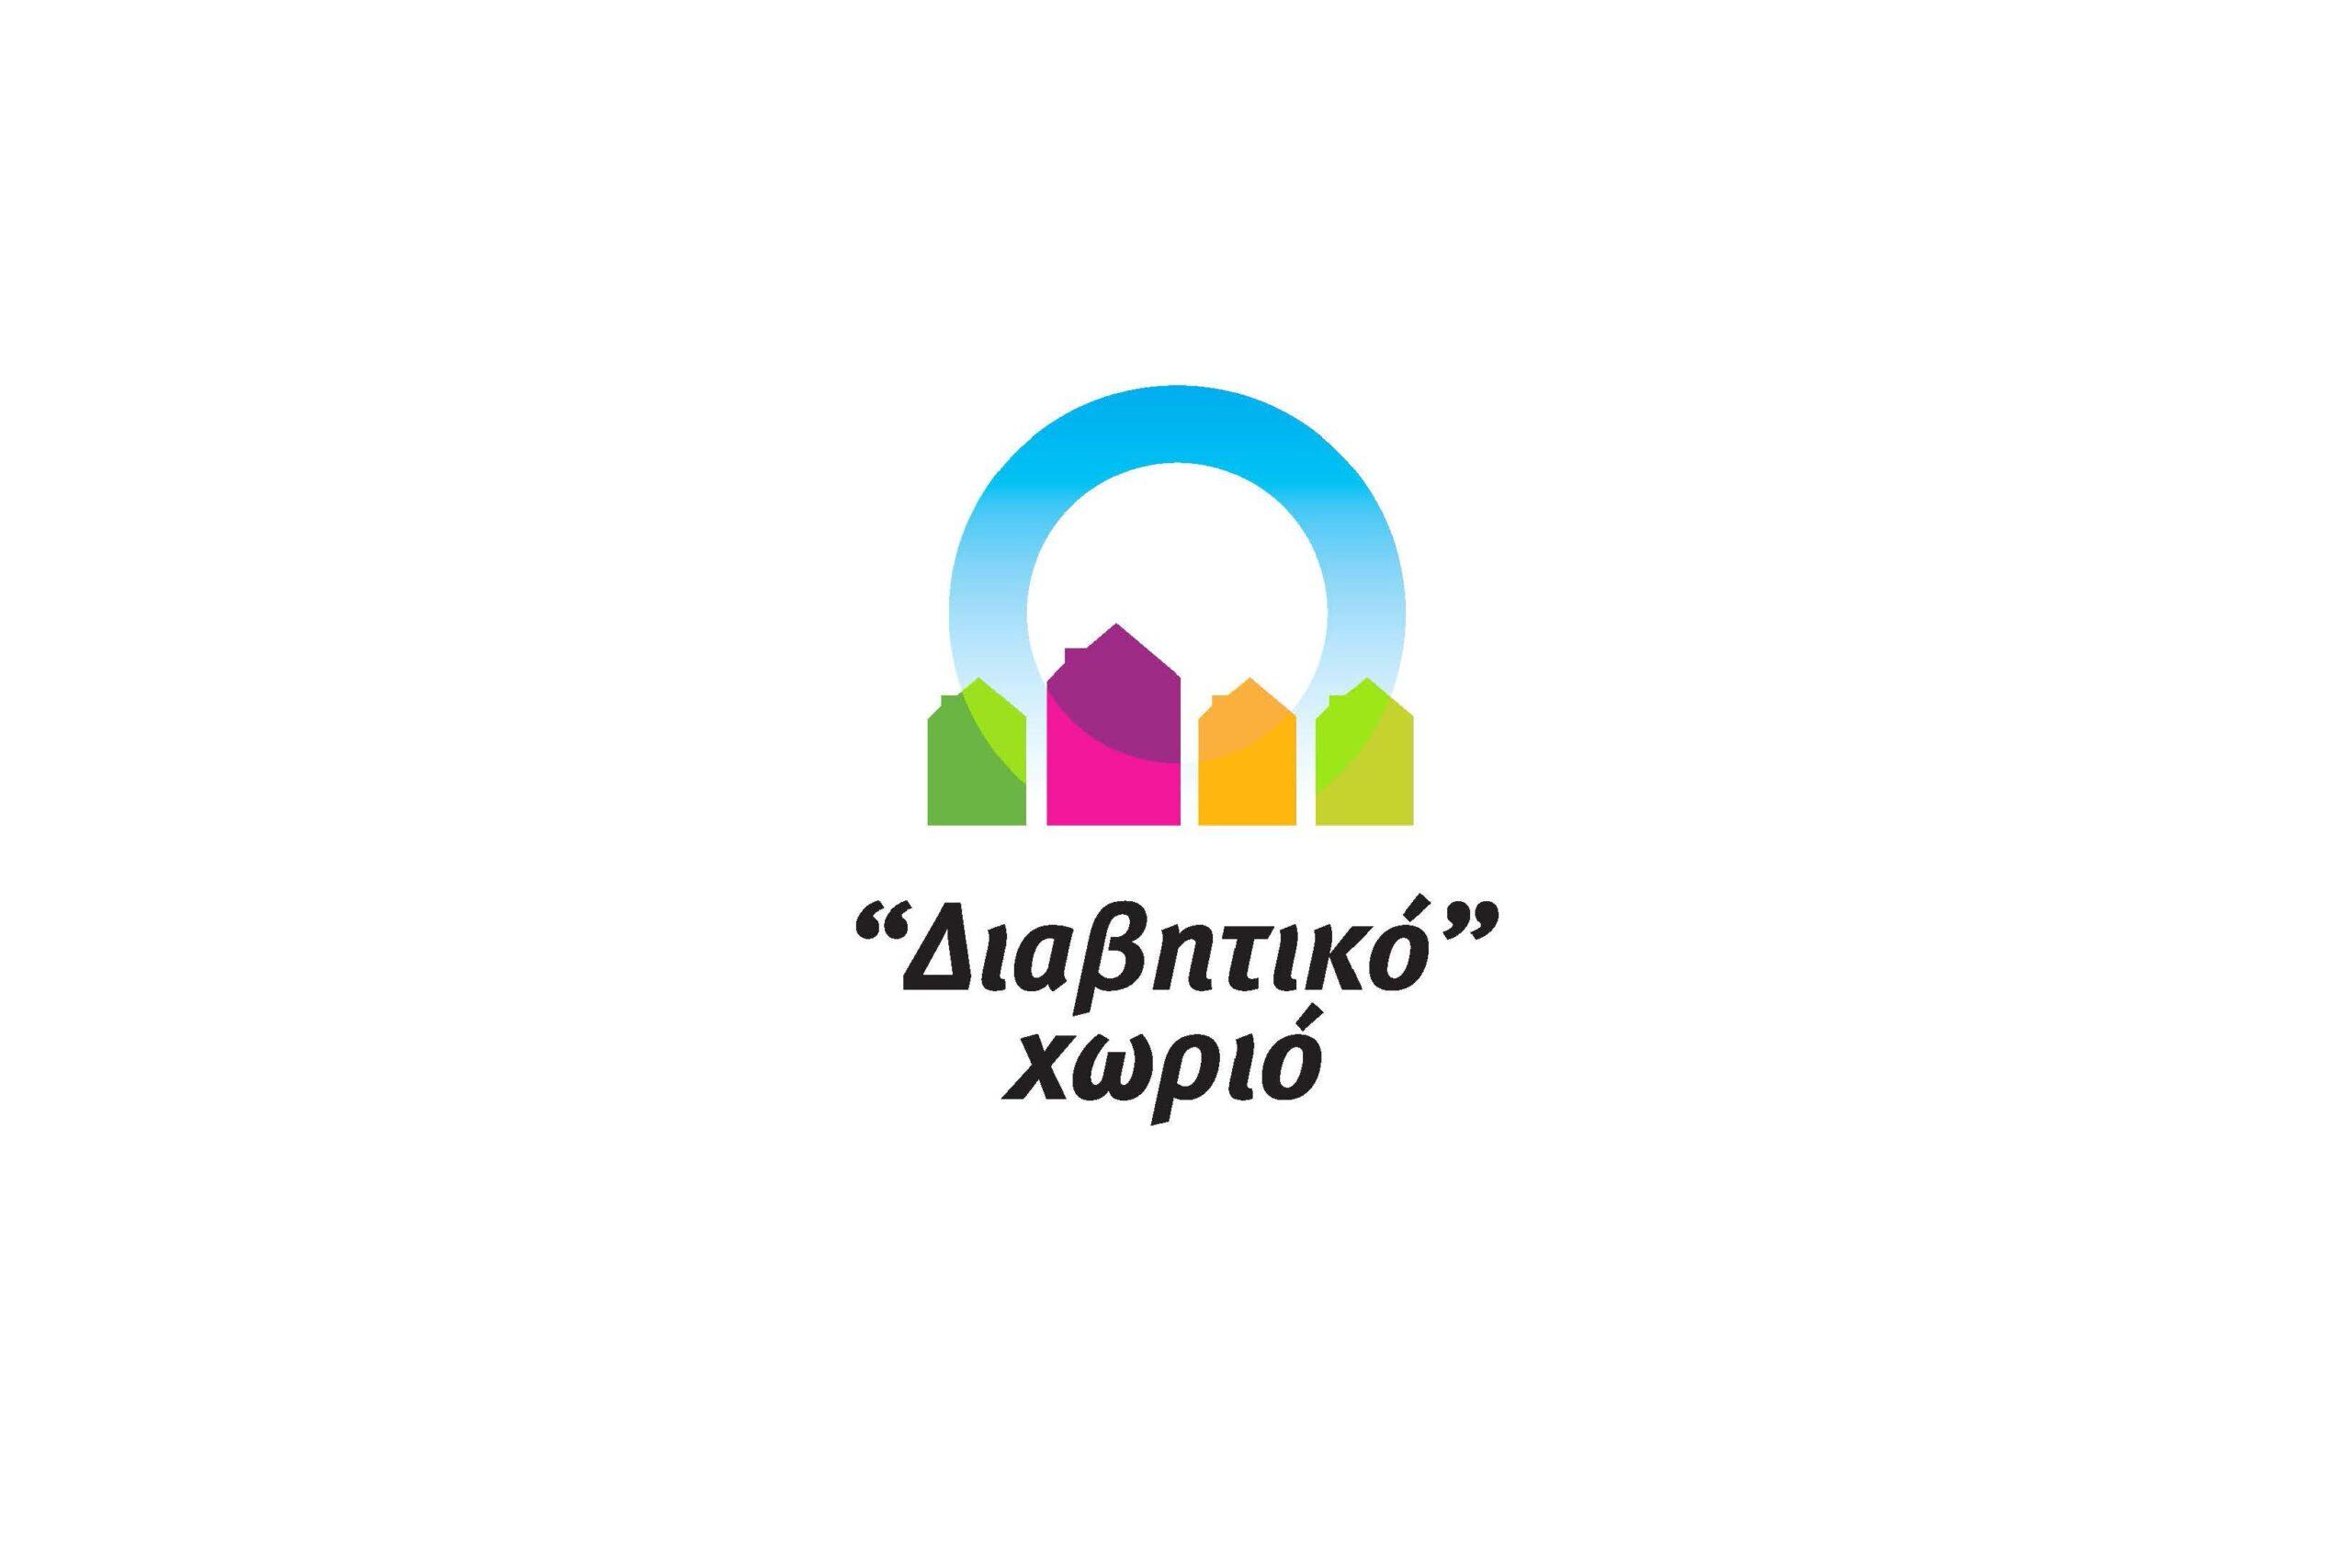 Επιστημονική Ημερίδα για τους επαγγελματίες Υγείας διοργανώνει η ΠΟΣΣΑΣΔΙΑ στις 3 Νοεμβρίου 2017 στην Αθήνα